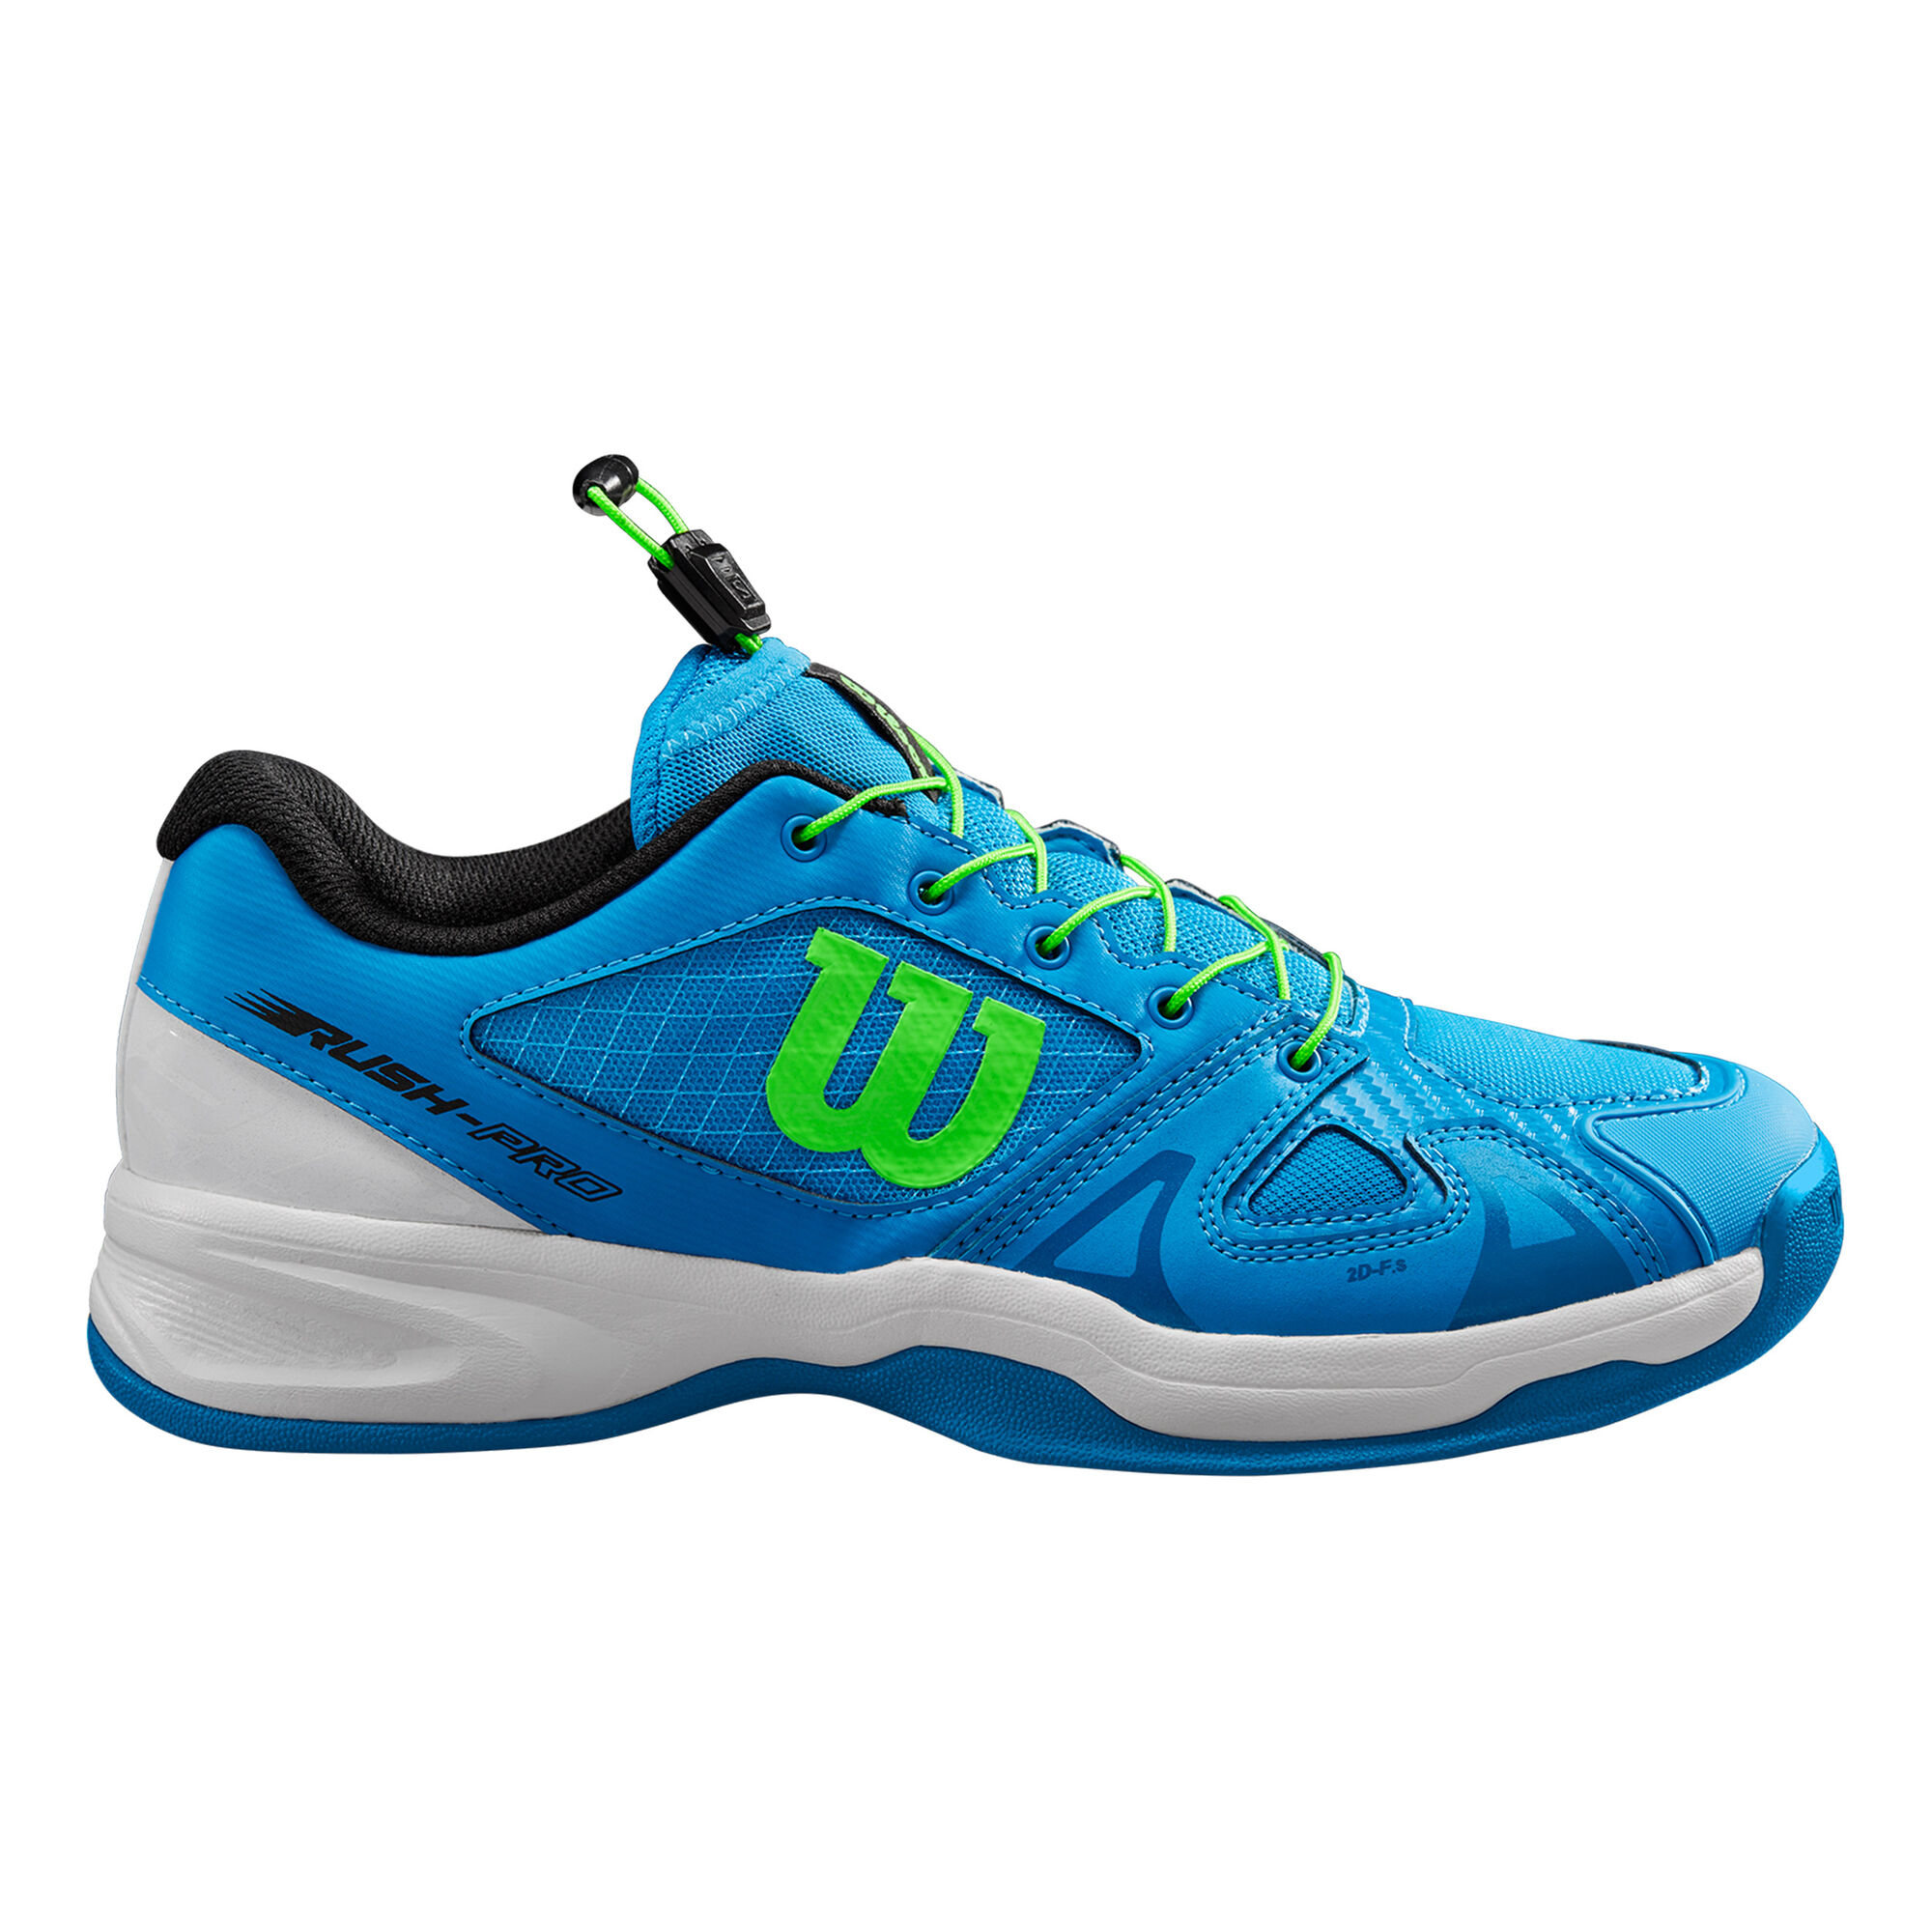 Tennis | Schuhe | Kinder | MAM SPORT | von Sportler zu Sportler